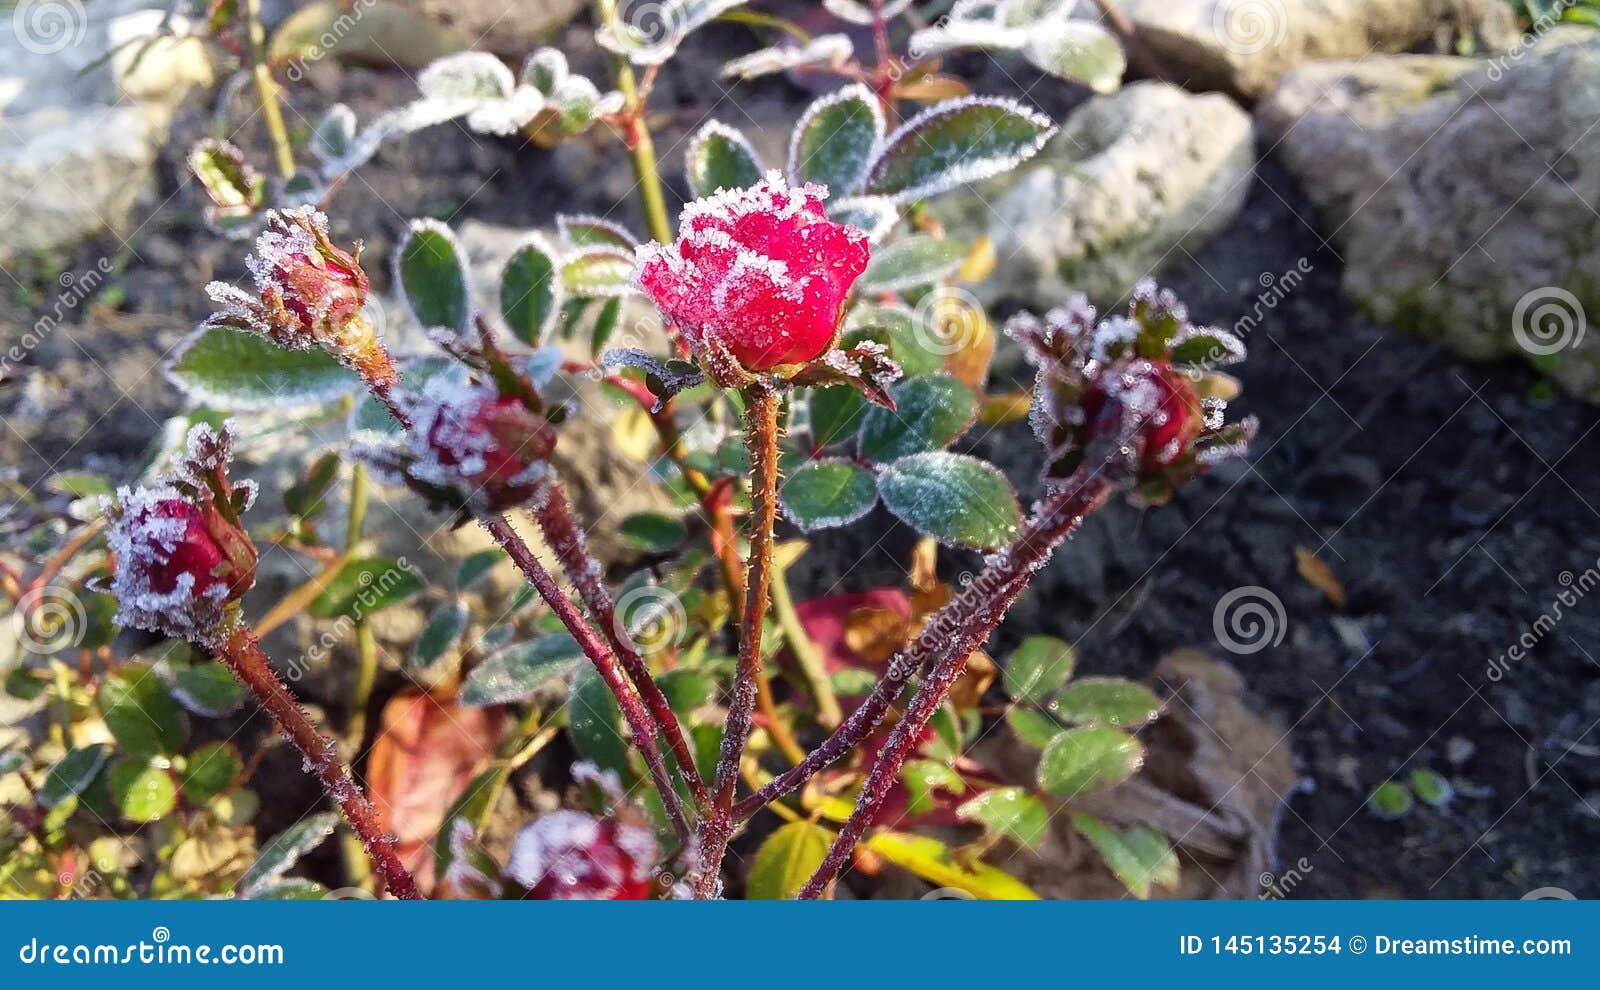 Rosa vermelha diminuta minúscula no jardim frio e gelado do outono